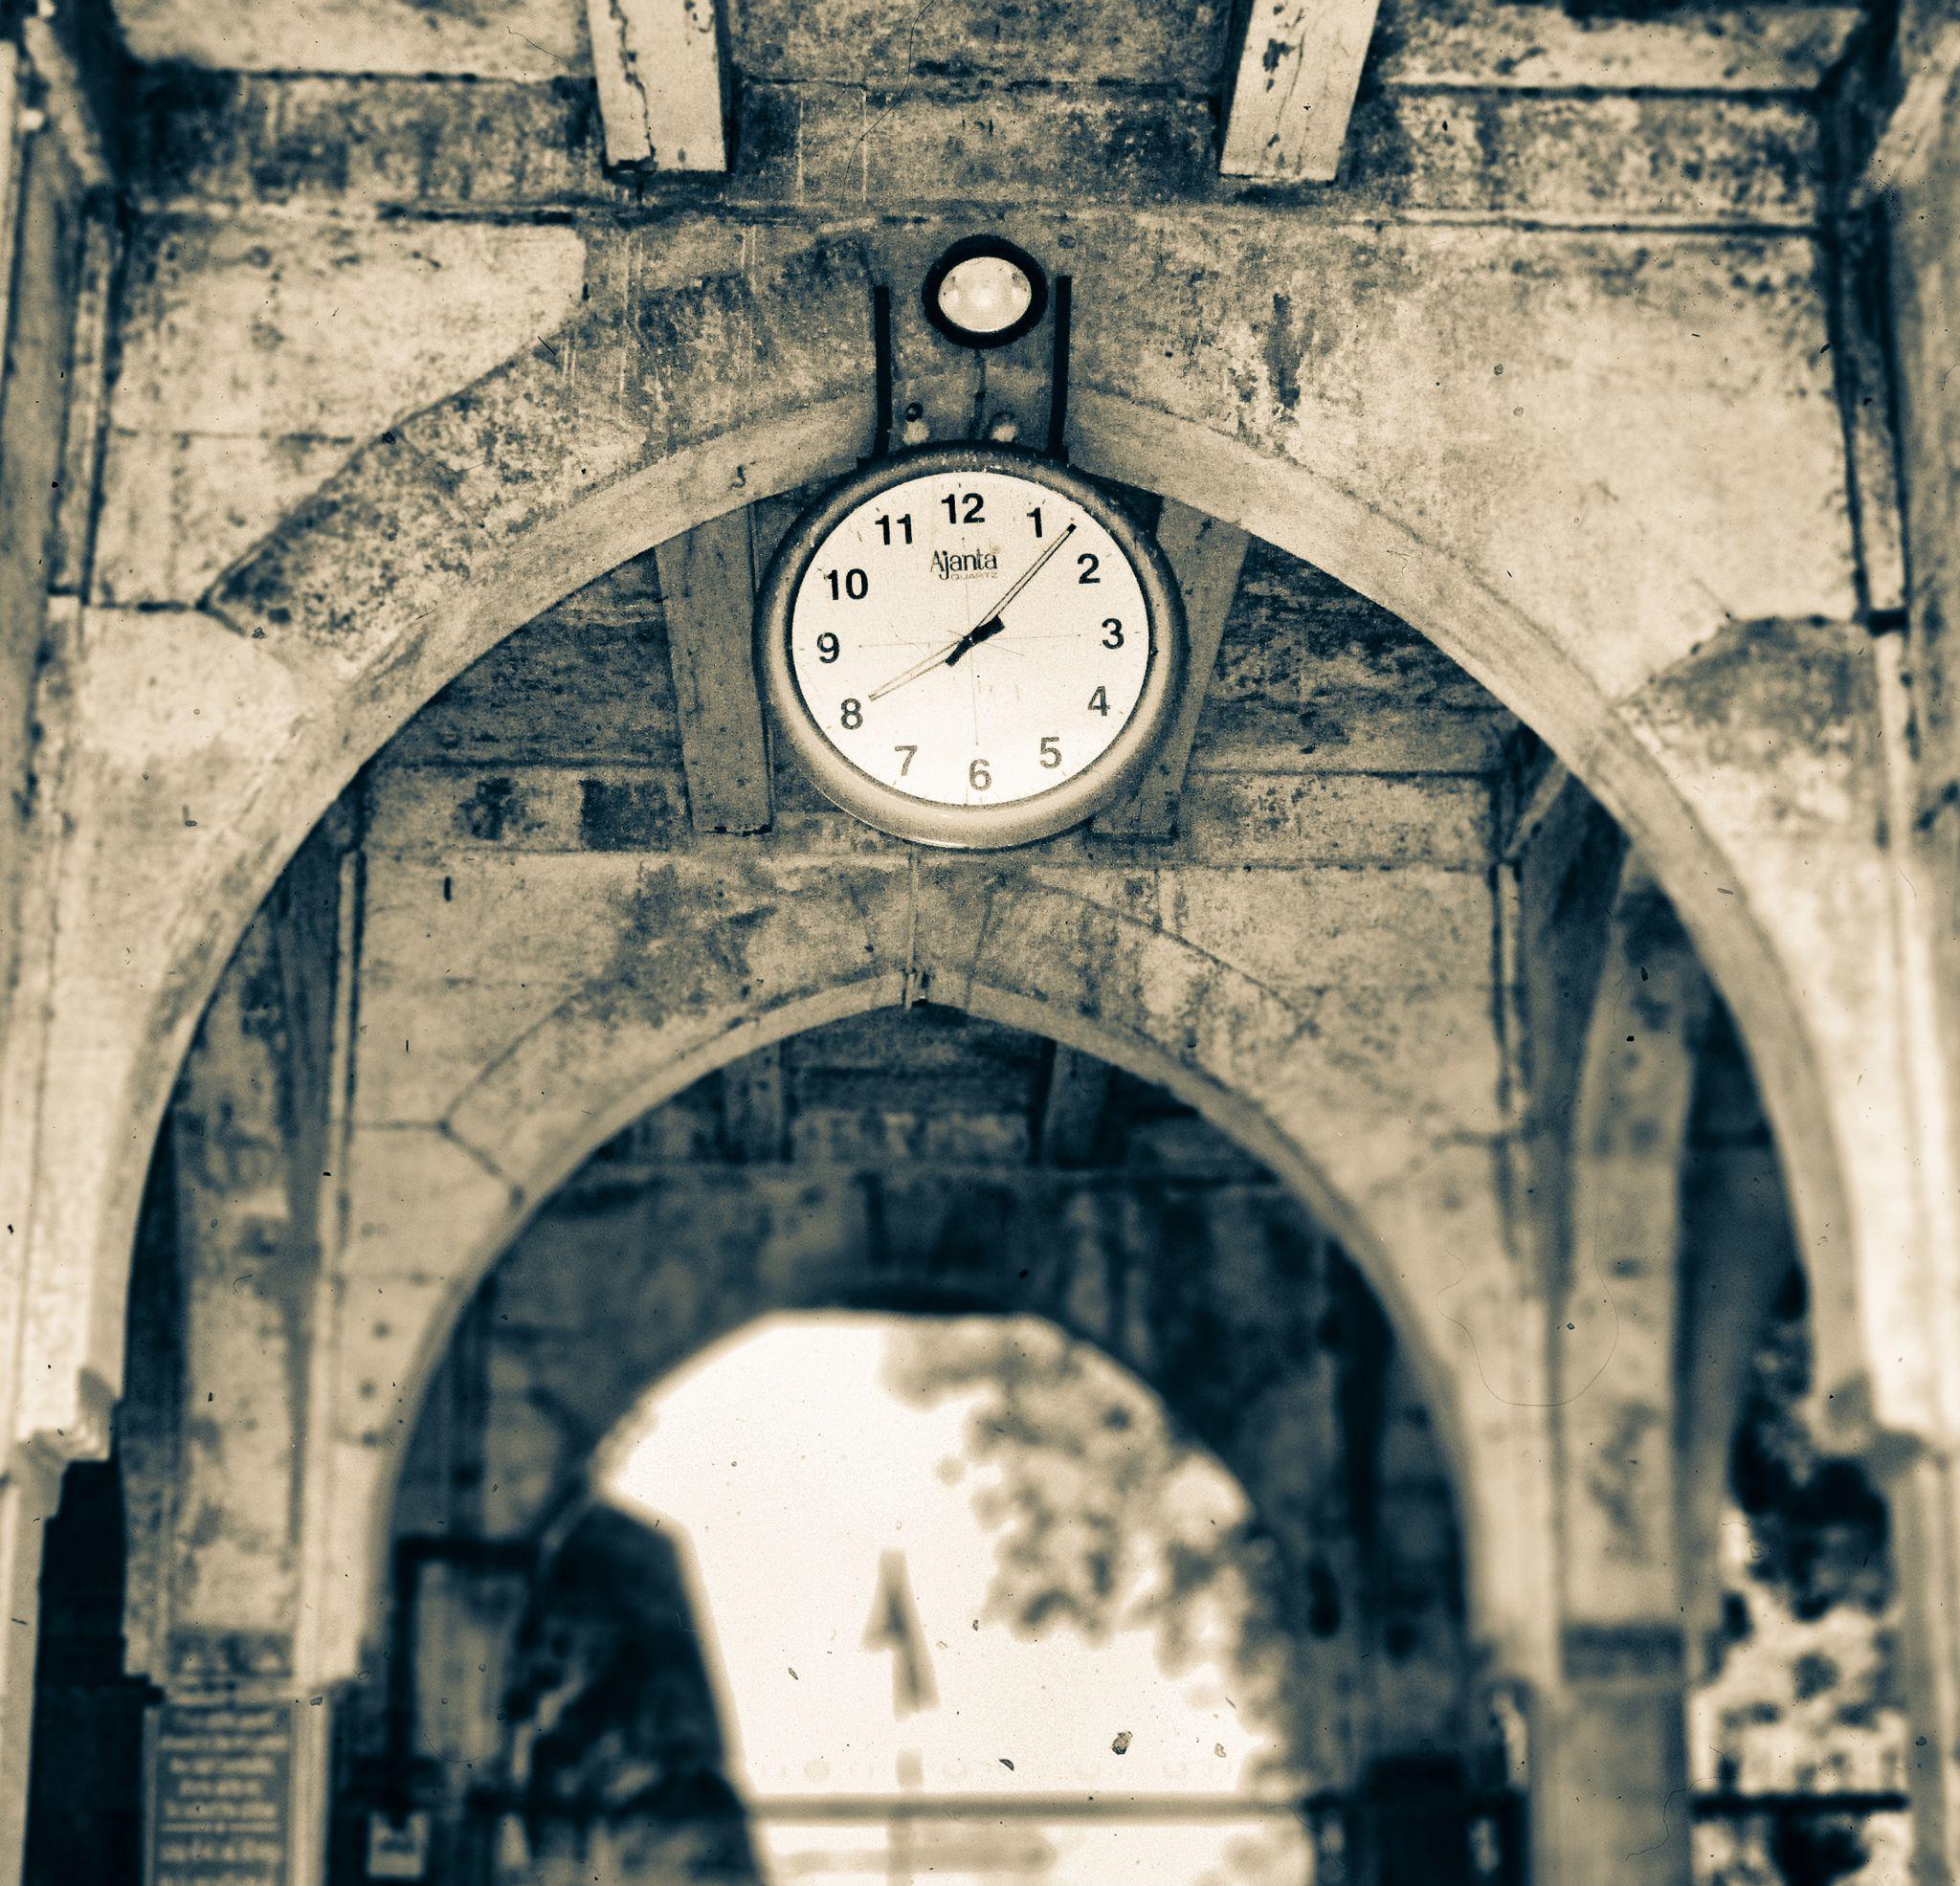 Clock, India